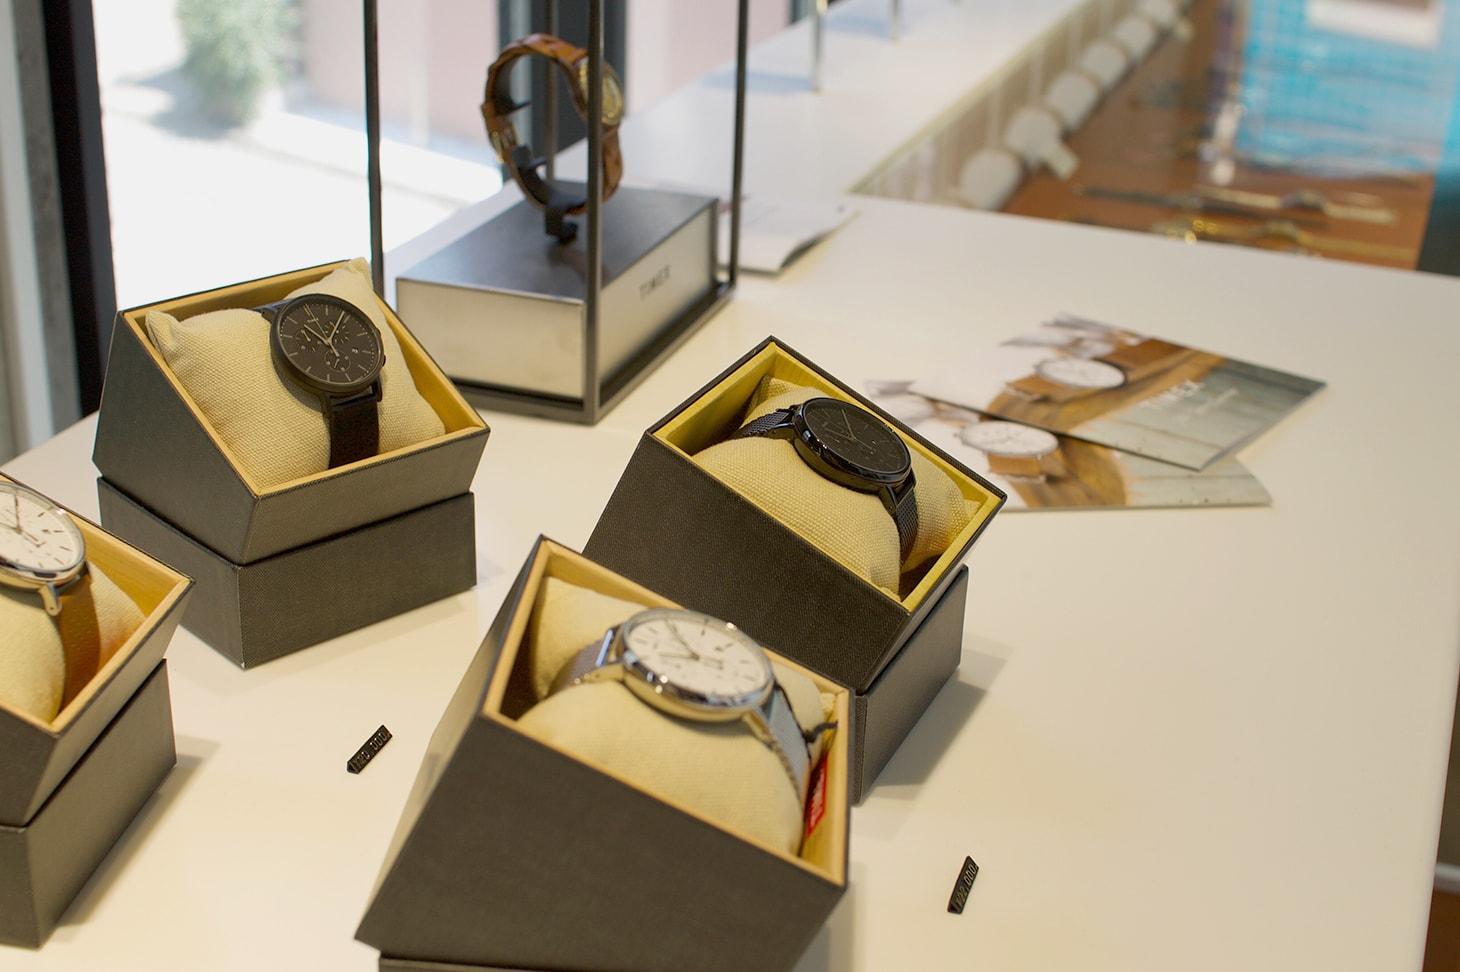 TIMEX TOKYO - スタイリッシュな腕時計が数多く並ぶ様子